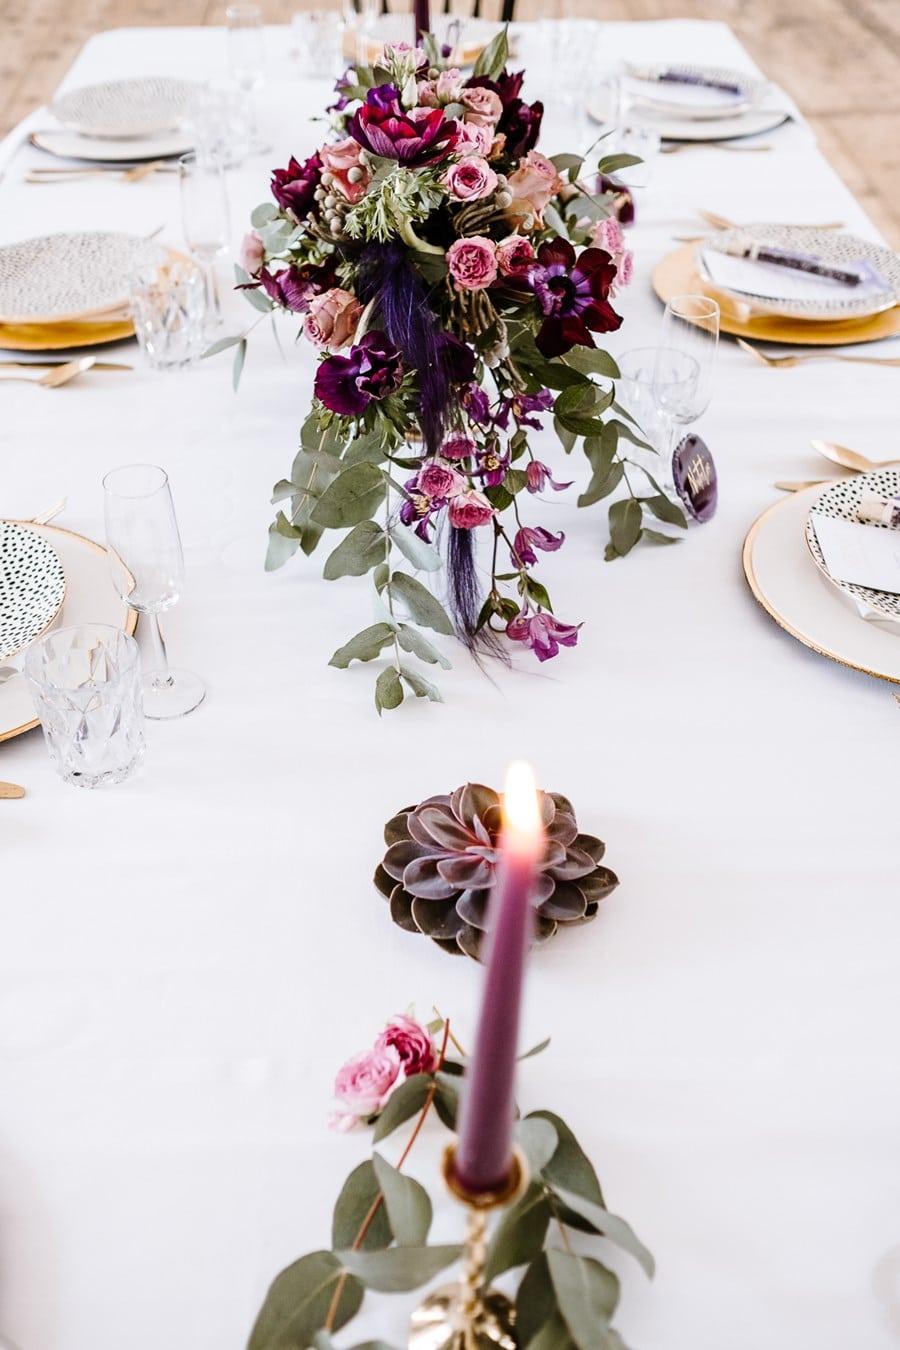 Pantone Farbe 2018 Ultra Violet: Inspirationen für eine Hochzeitsdeko mit Blumen